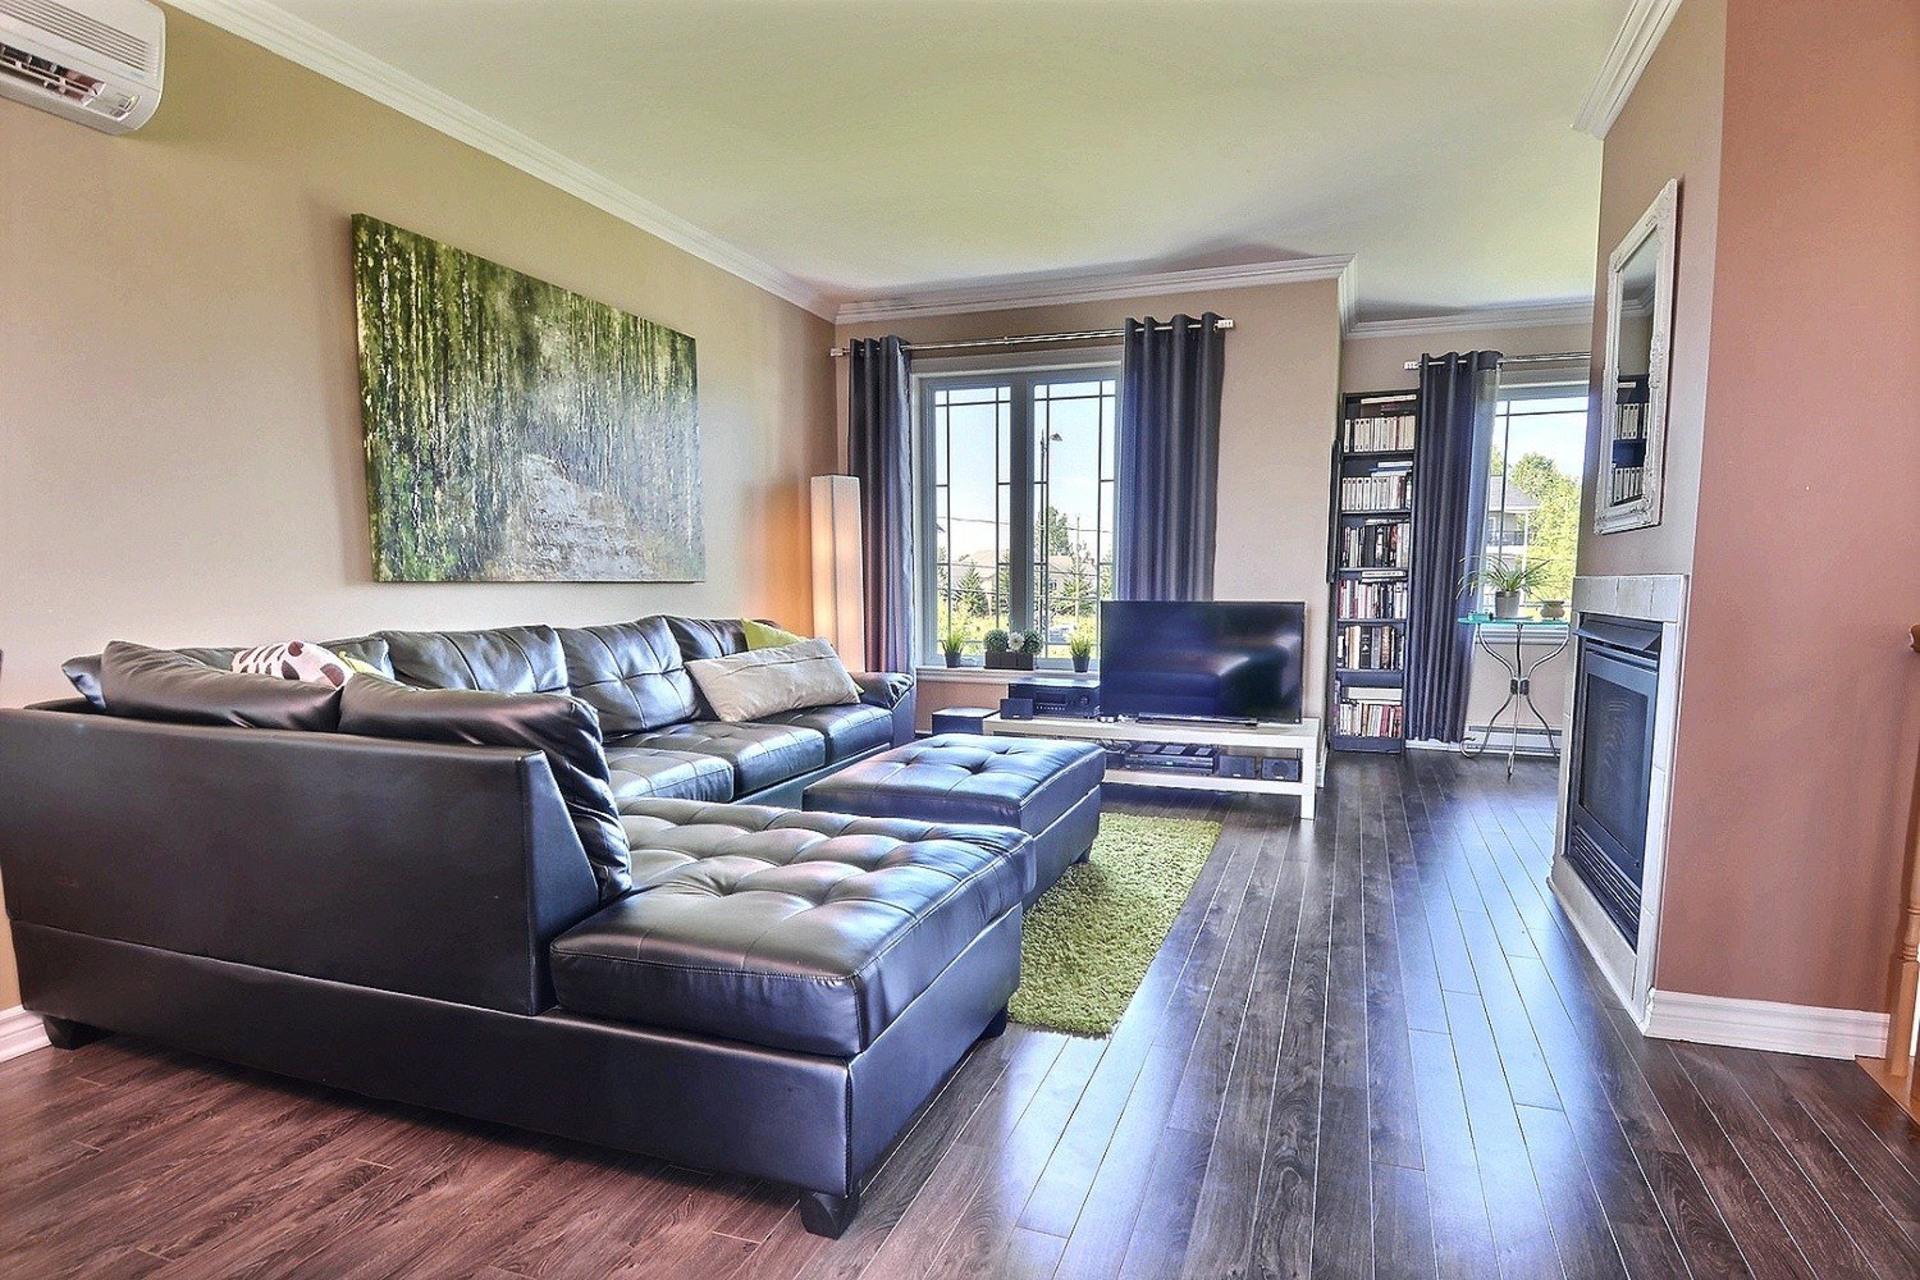 image 2 - Appartement À vendre Bois-des-Filion - 7 pièces